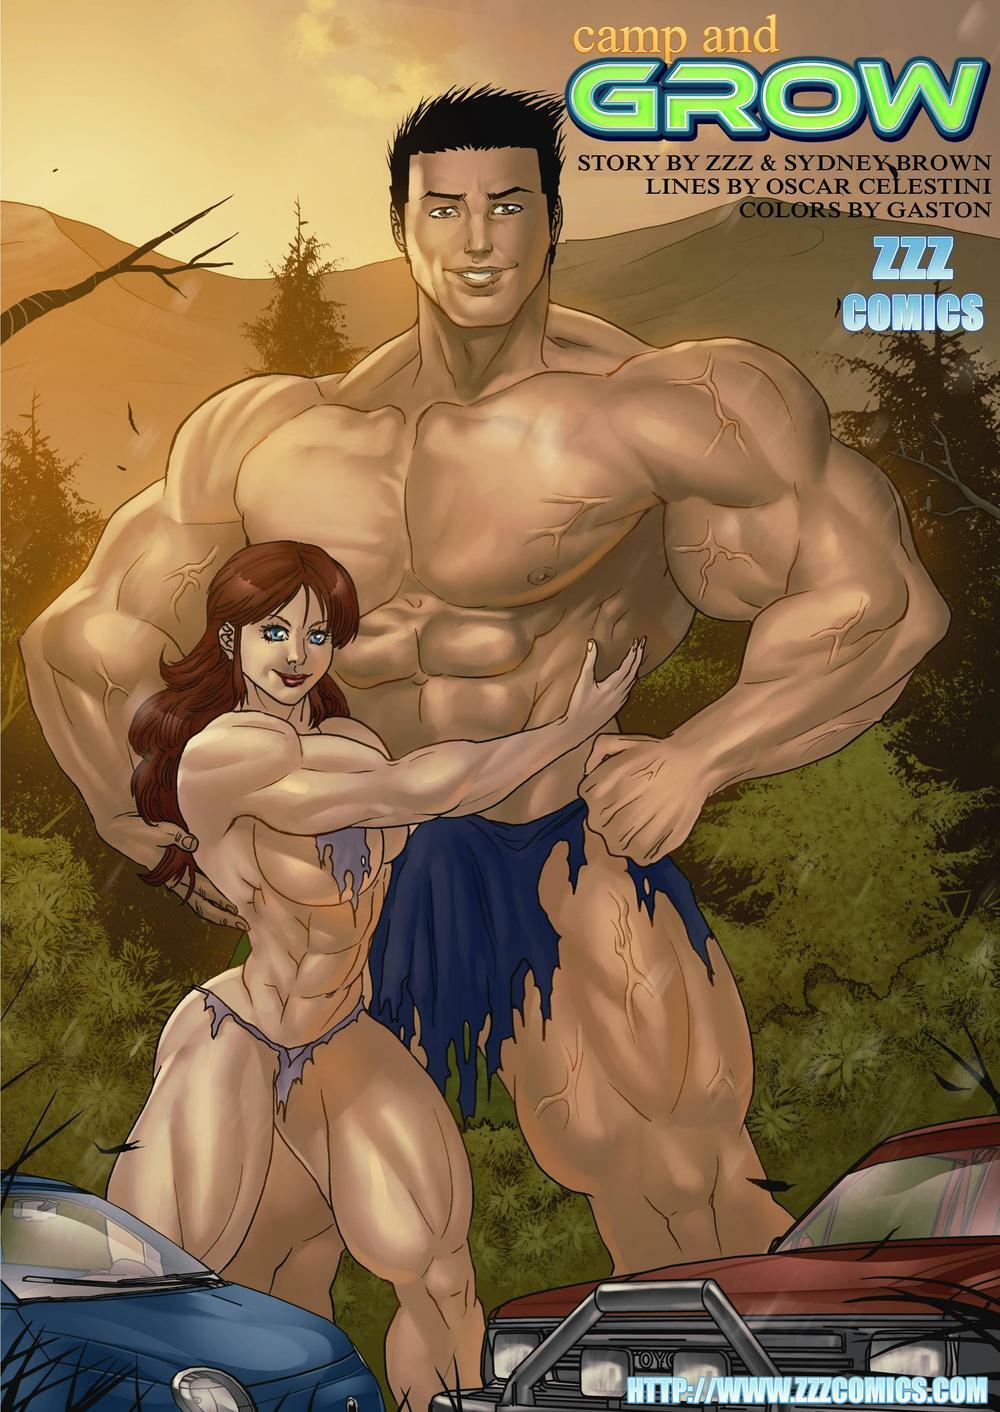 Zzz comics vitamin free porn comix download